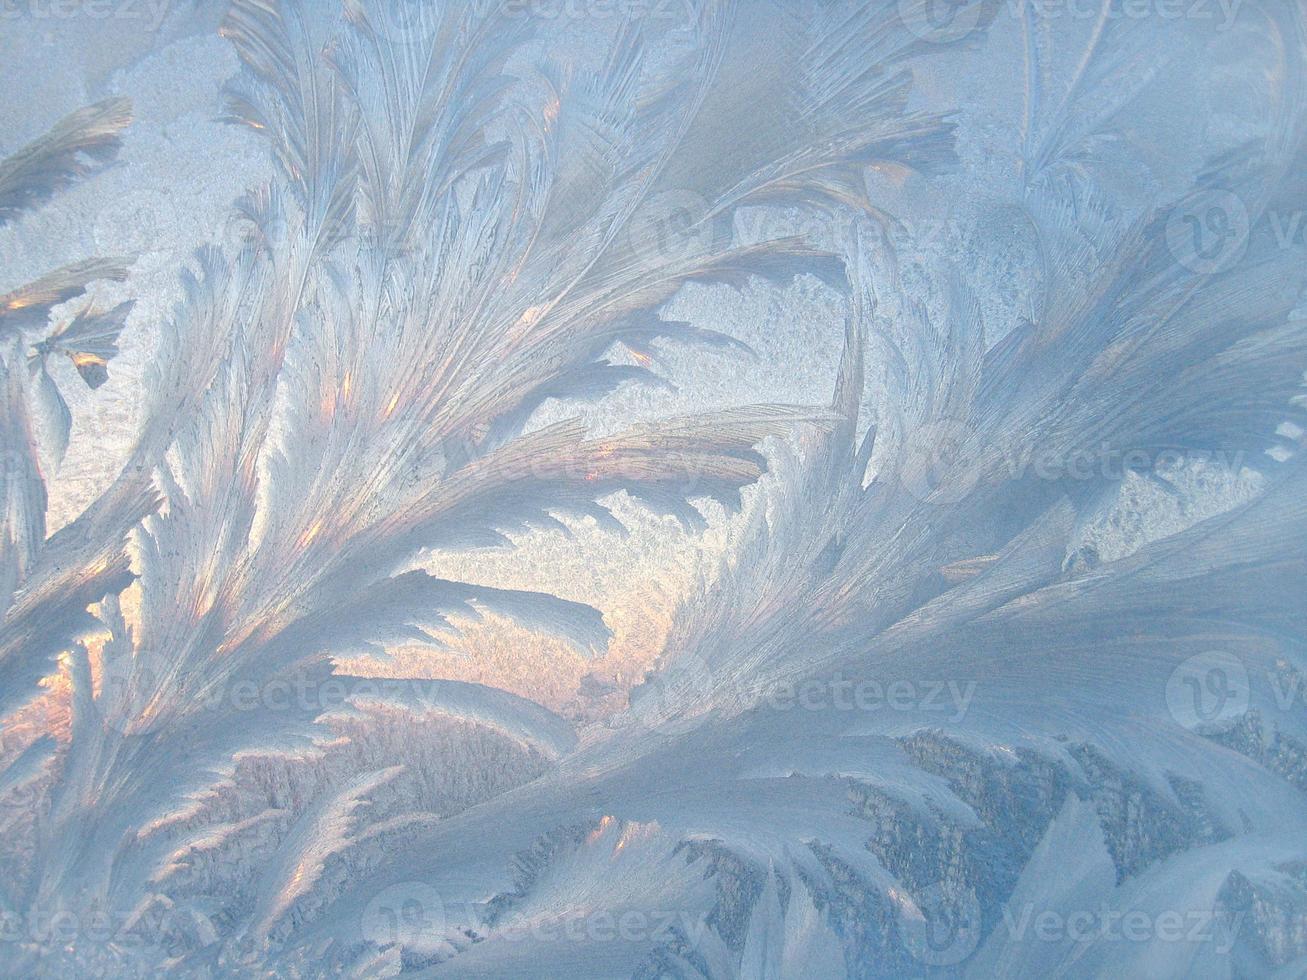 Eismuster auf Winterglas foto